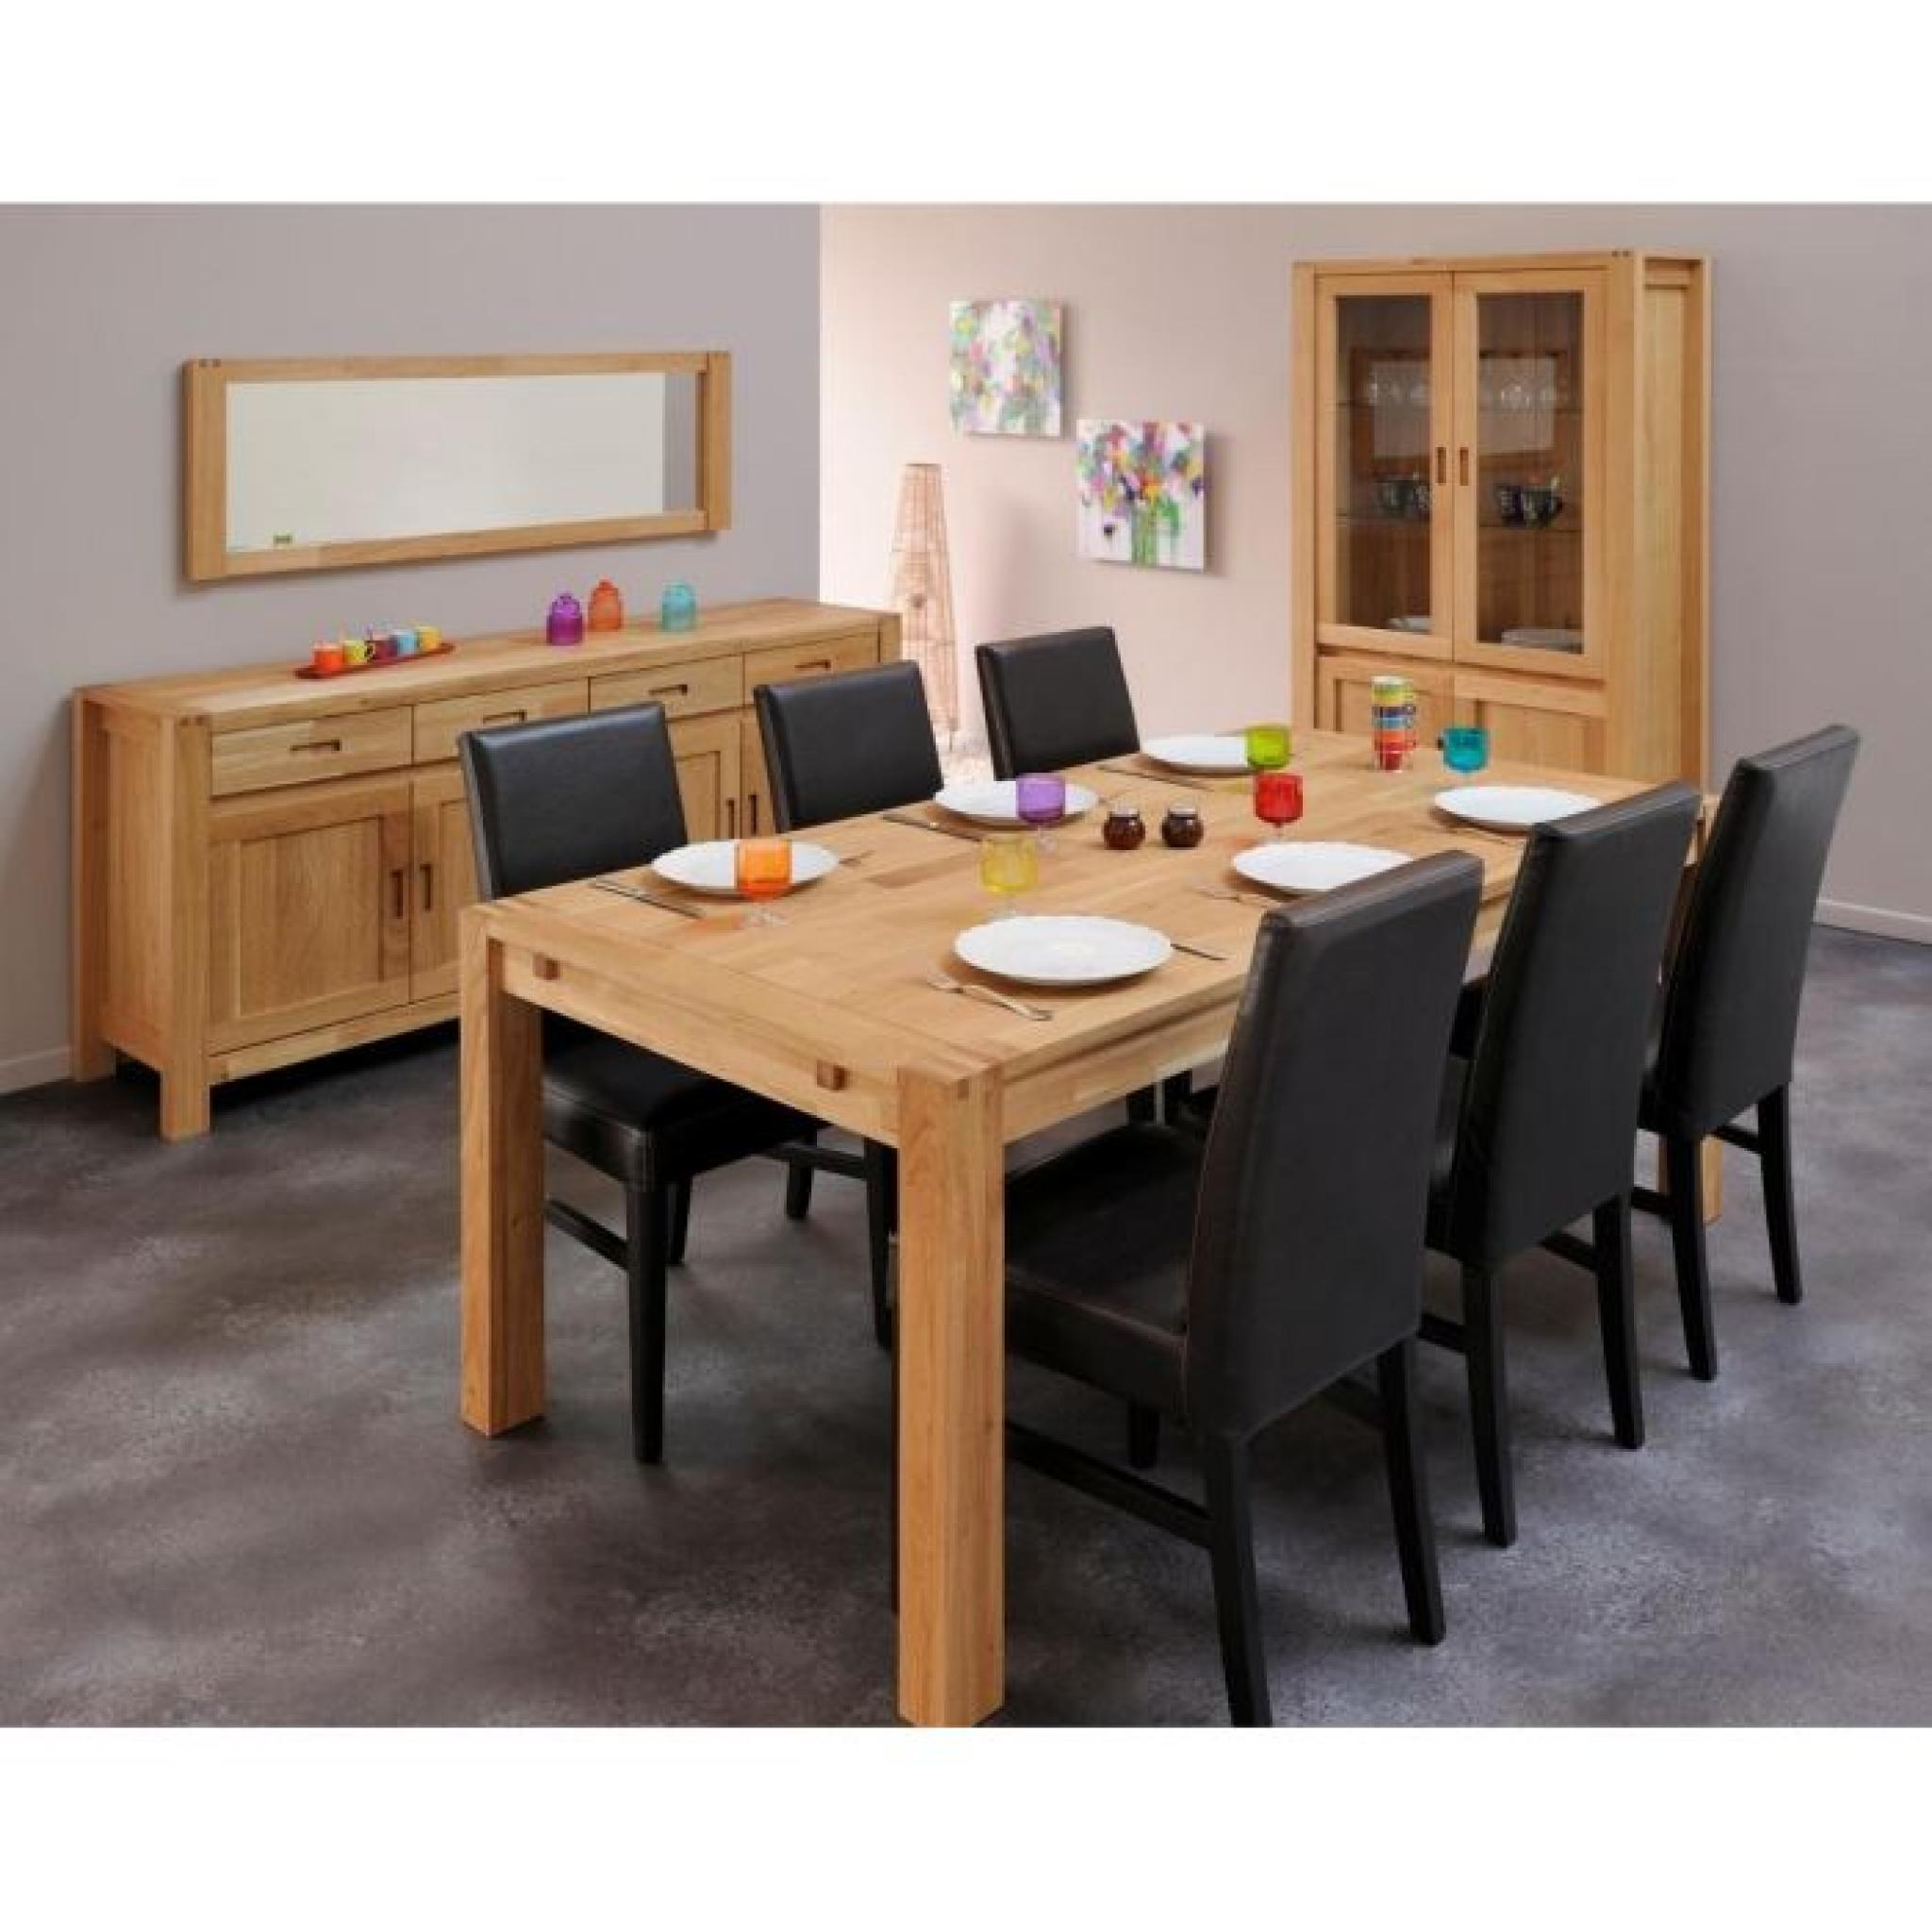 Chêne Table En Massif 180260cm Nathan Extensible 80OwnPk